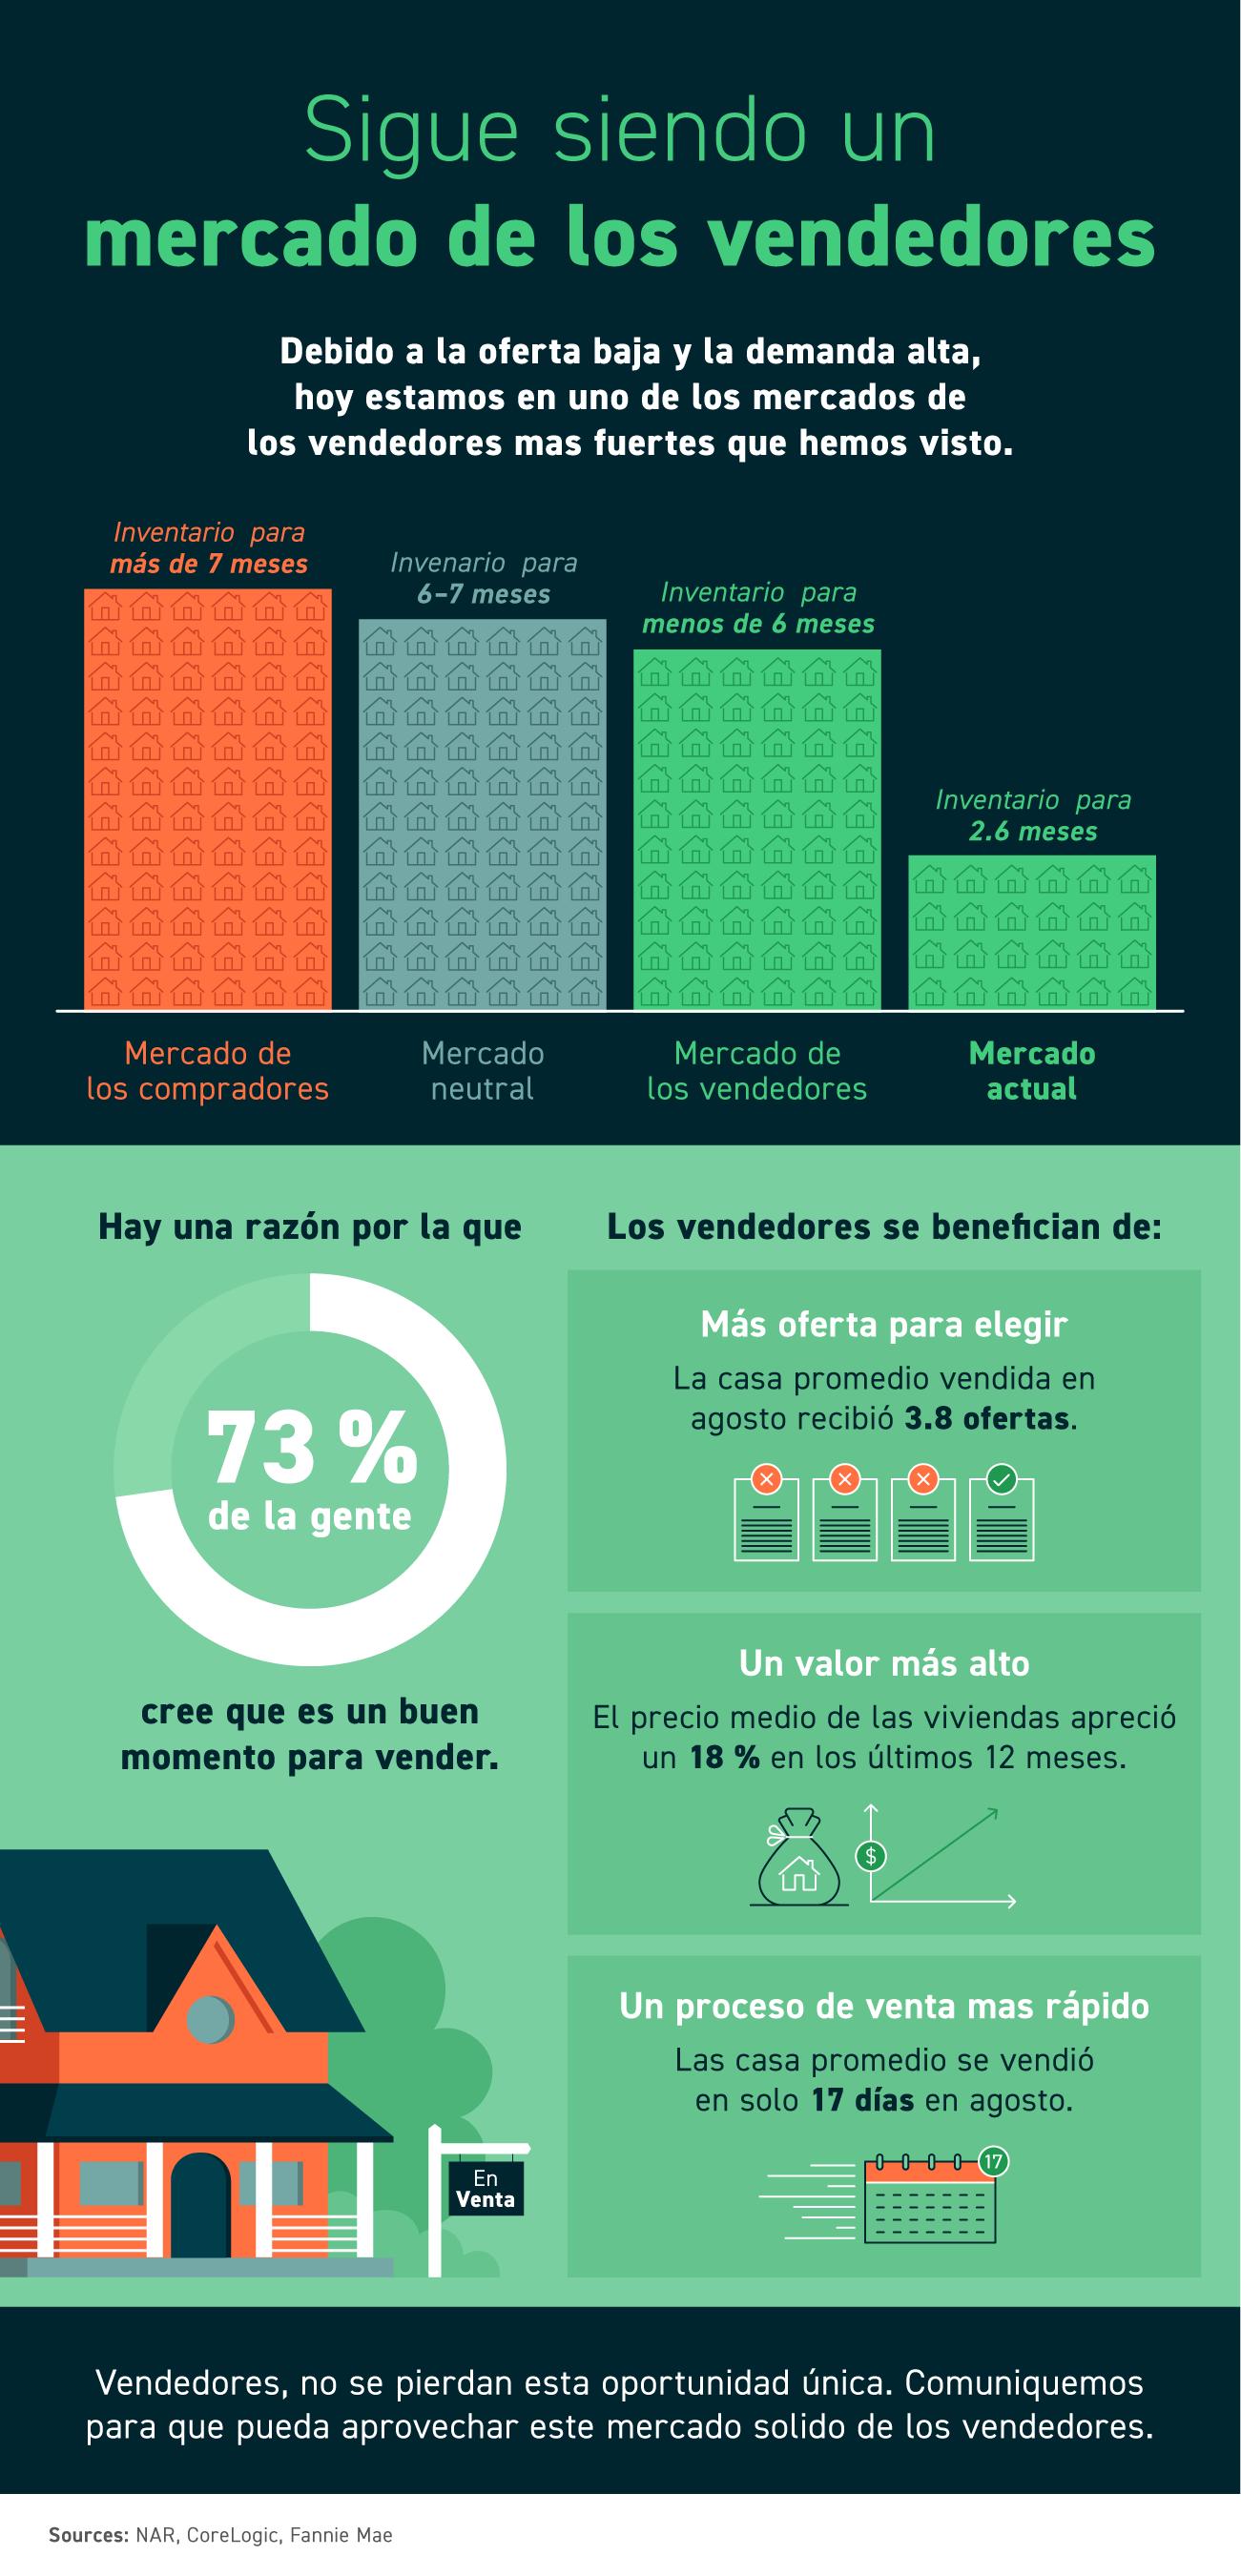 Sigue siendo un mercado de los vendedores [infografía] | Simplifying The Market